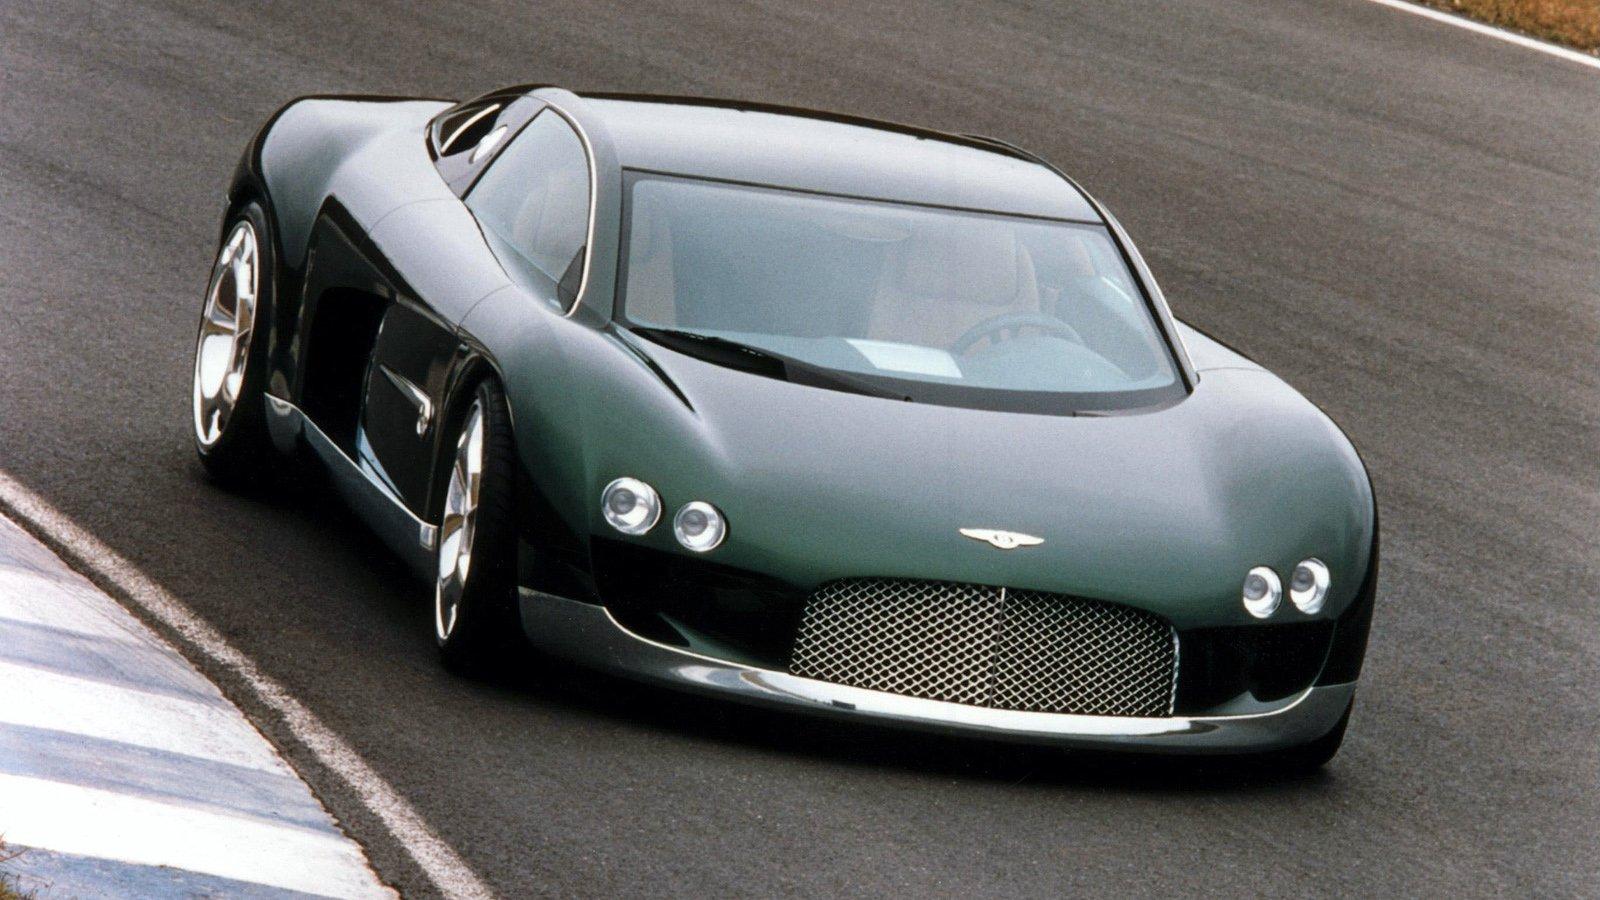 Hunaudi 233 Res O Bentley Que Quase Foi O Bugatti Veyron Flatout